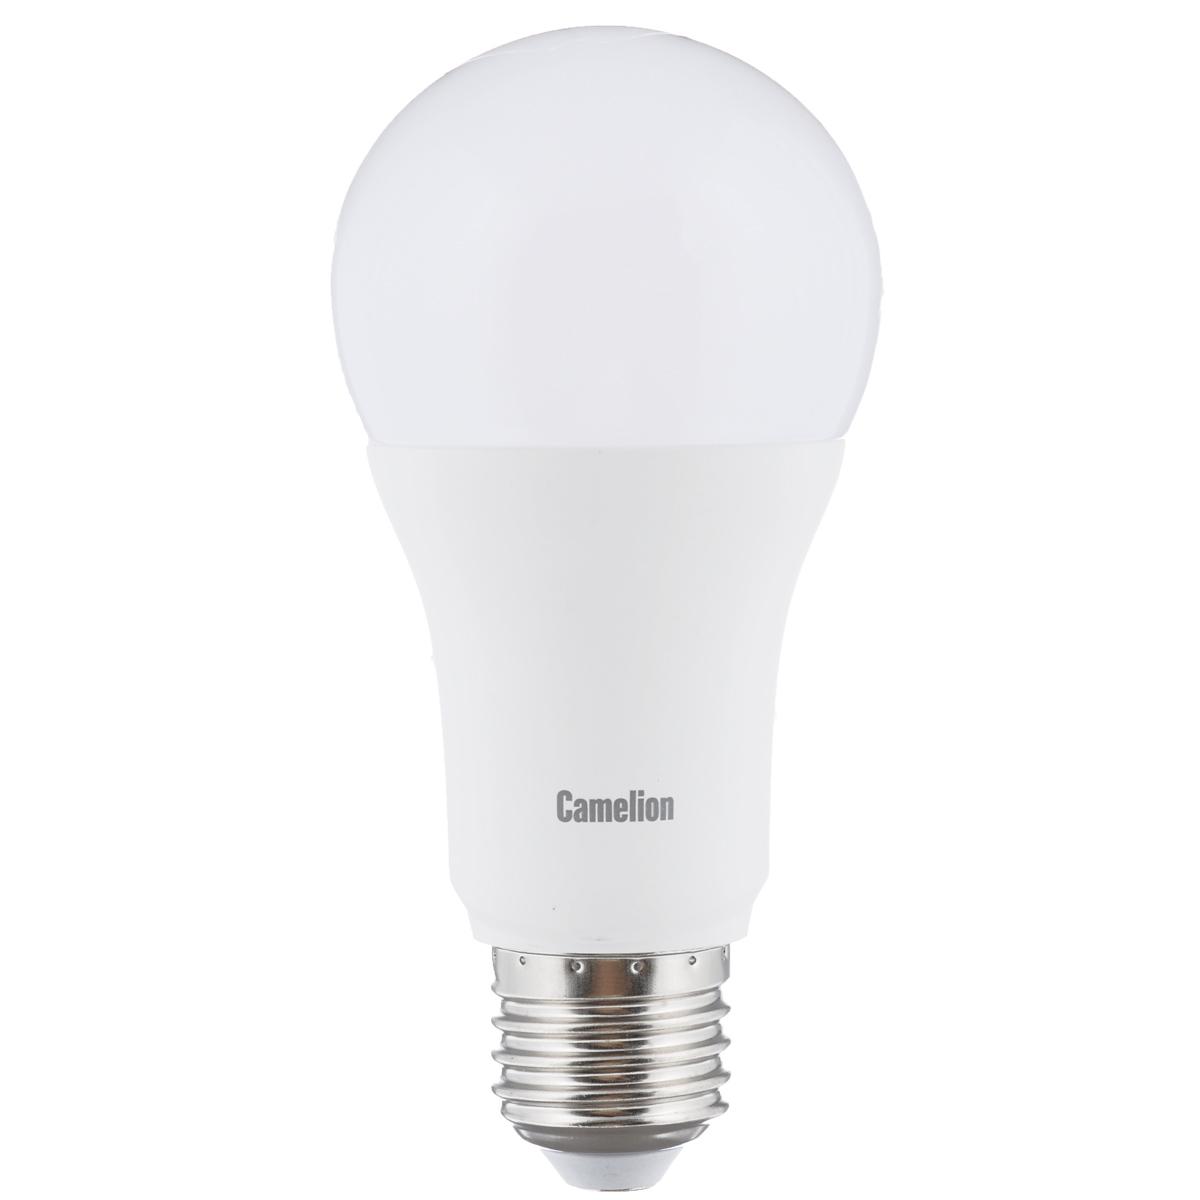 Светодиодная лампа Camelion Led Ultra, теплый свет, цоколь E27, 12 WLED12-A60/830/E27Светодиодная рефлекторная лампа Camelion Led Ultra применяется для замены энергосберегающей лампы или лампы накаливания в точечных и направленных источниках света. При этом она сэкономит ваши деньги за счет минимального потребления электроэнергии и долгого срока службы. Так же эта лампа обладает высоким индексом цветопередачи и не мерцает, что делает ее свет комфортным для глаз. Нагрев LED лампы минимален, что позволяет использовать ее в натяжных потолках и других конструкциях, требовательных к температурному режиму. При производстве светодиодных ламп не используются вредные вещества, в том числе ртуть, поэтому не требует утилизации. Рабочий диапазон напряжений - 220-240В / 50Гц. Индекс цветопередачи: 77+. Угол светового луча: 240°. Коэффициент пульсации освещенности (Кп): менее 1%.